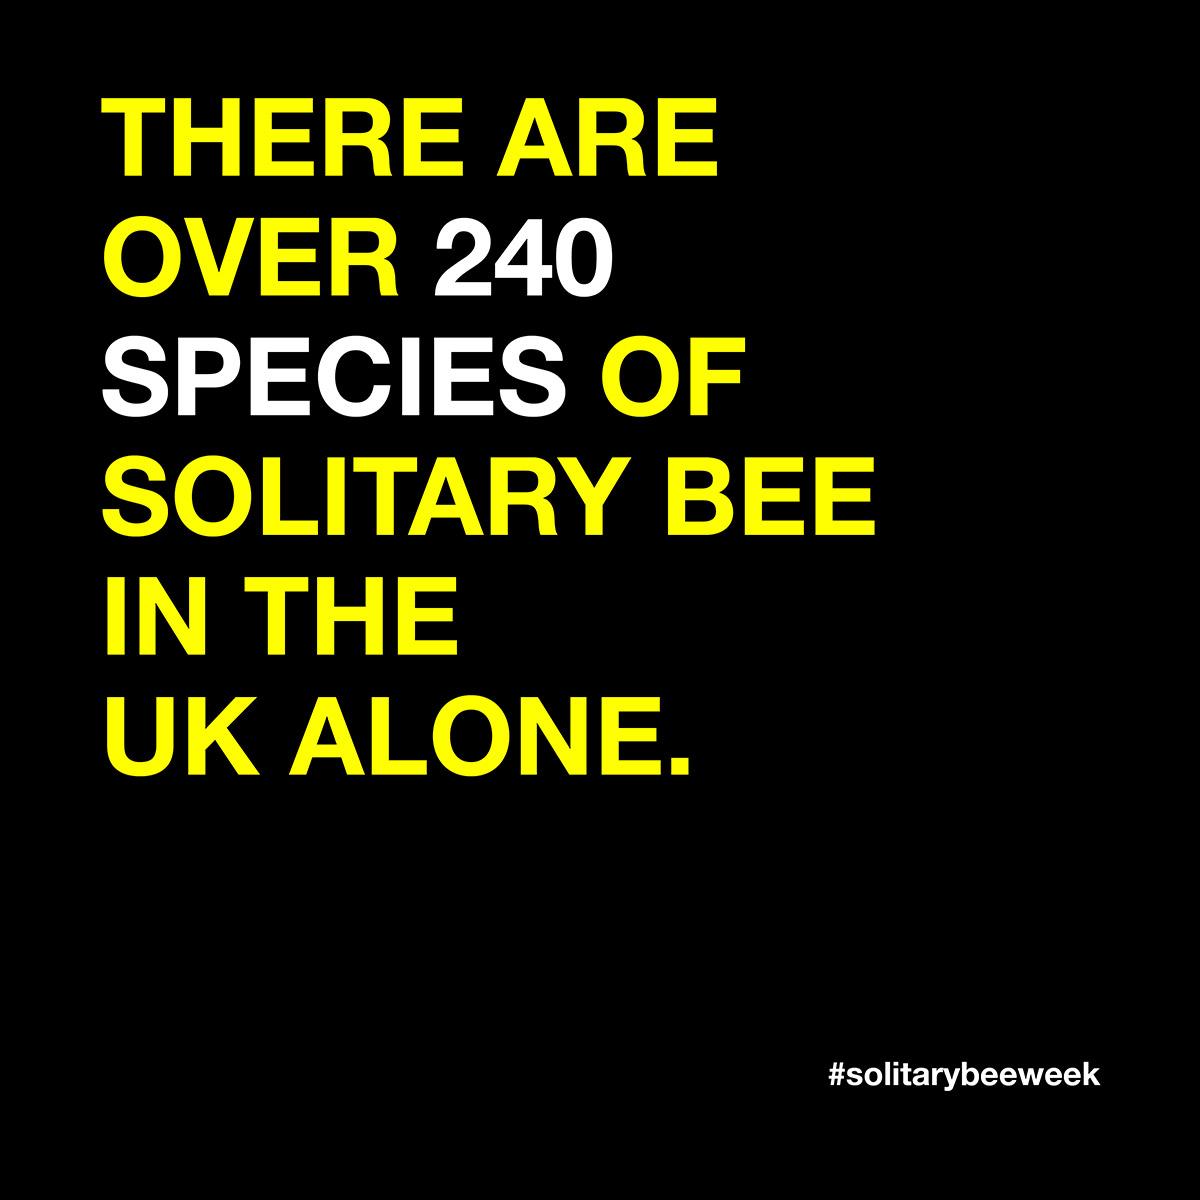 solitary-bee-species